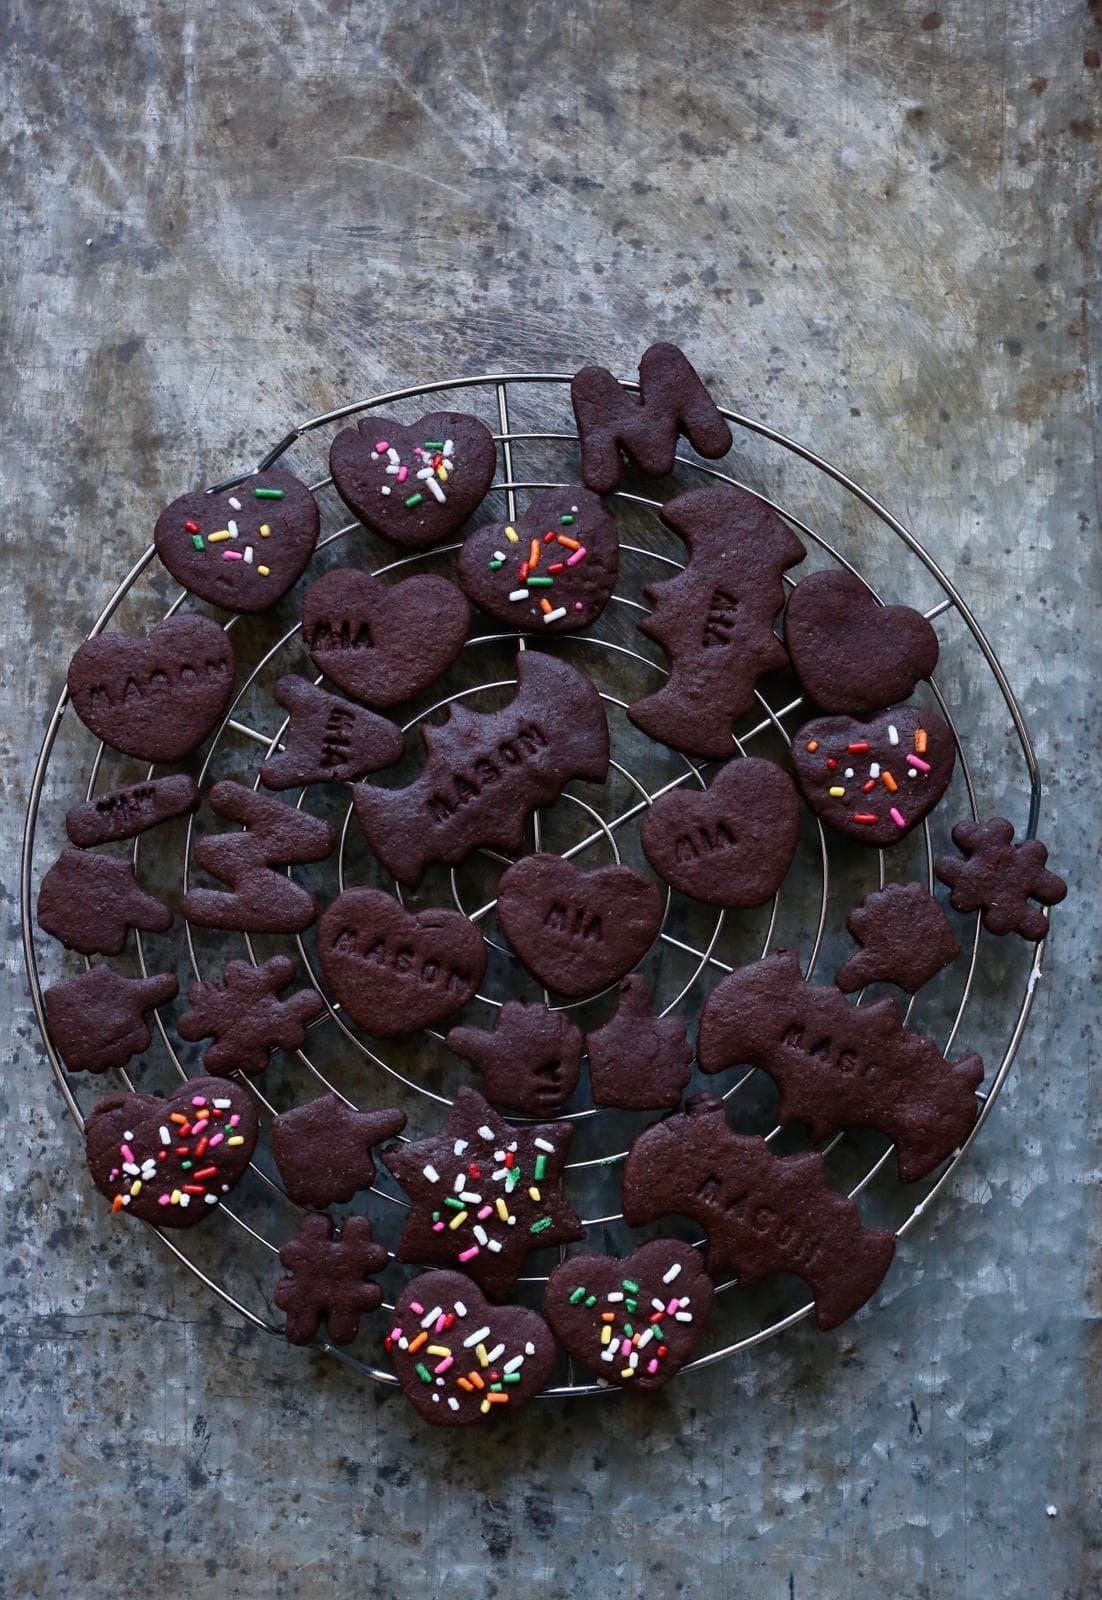 chocolade koekjes bakken